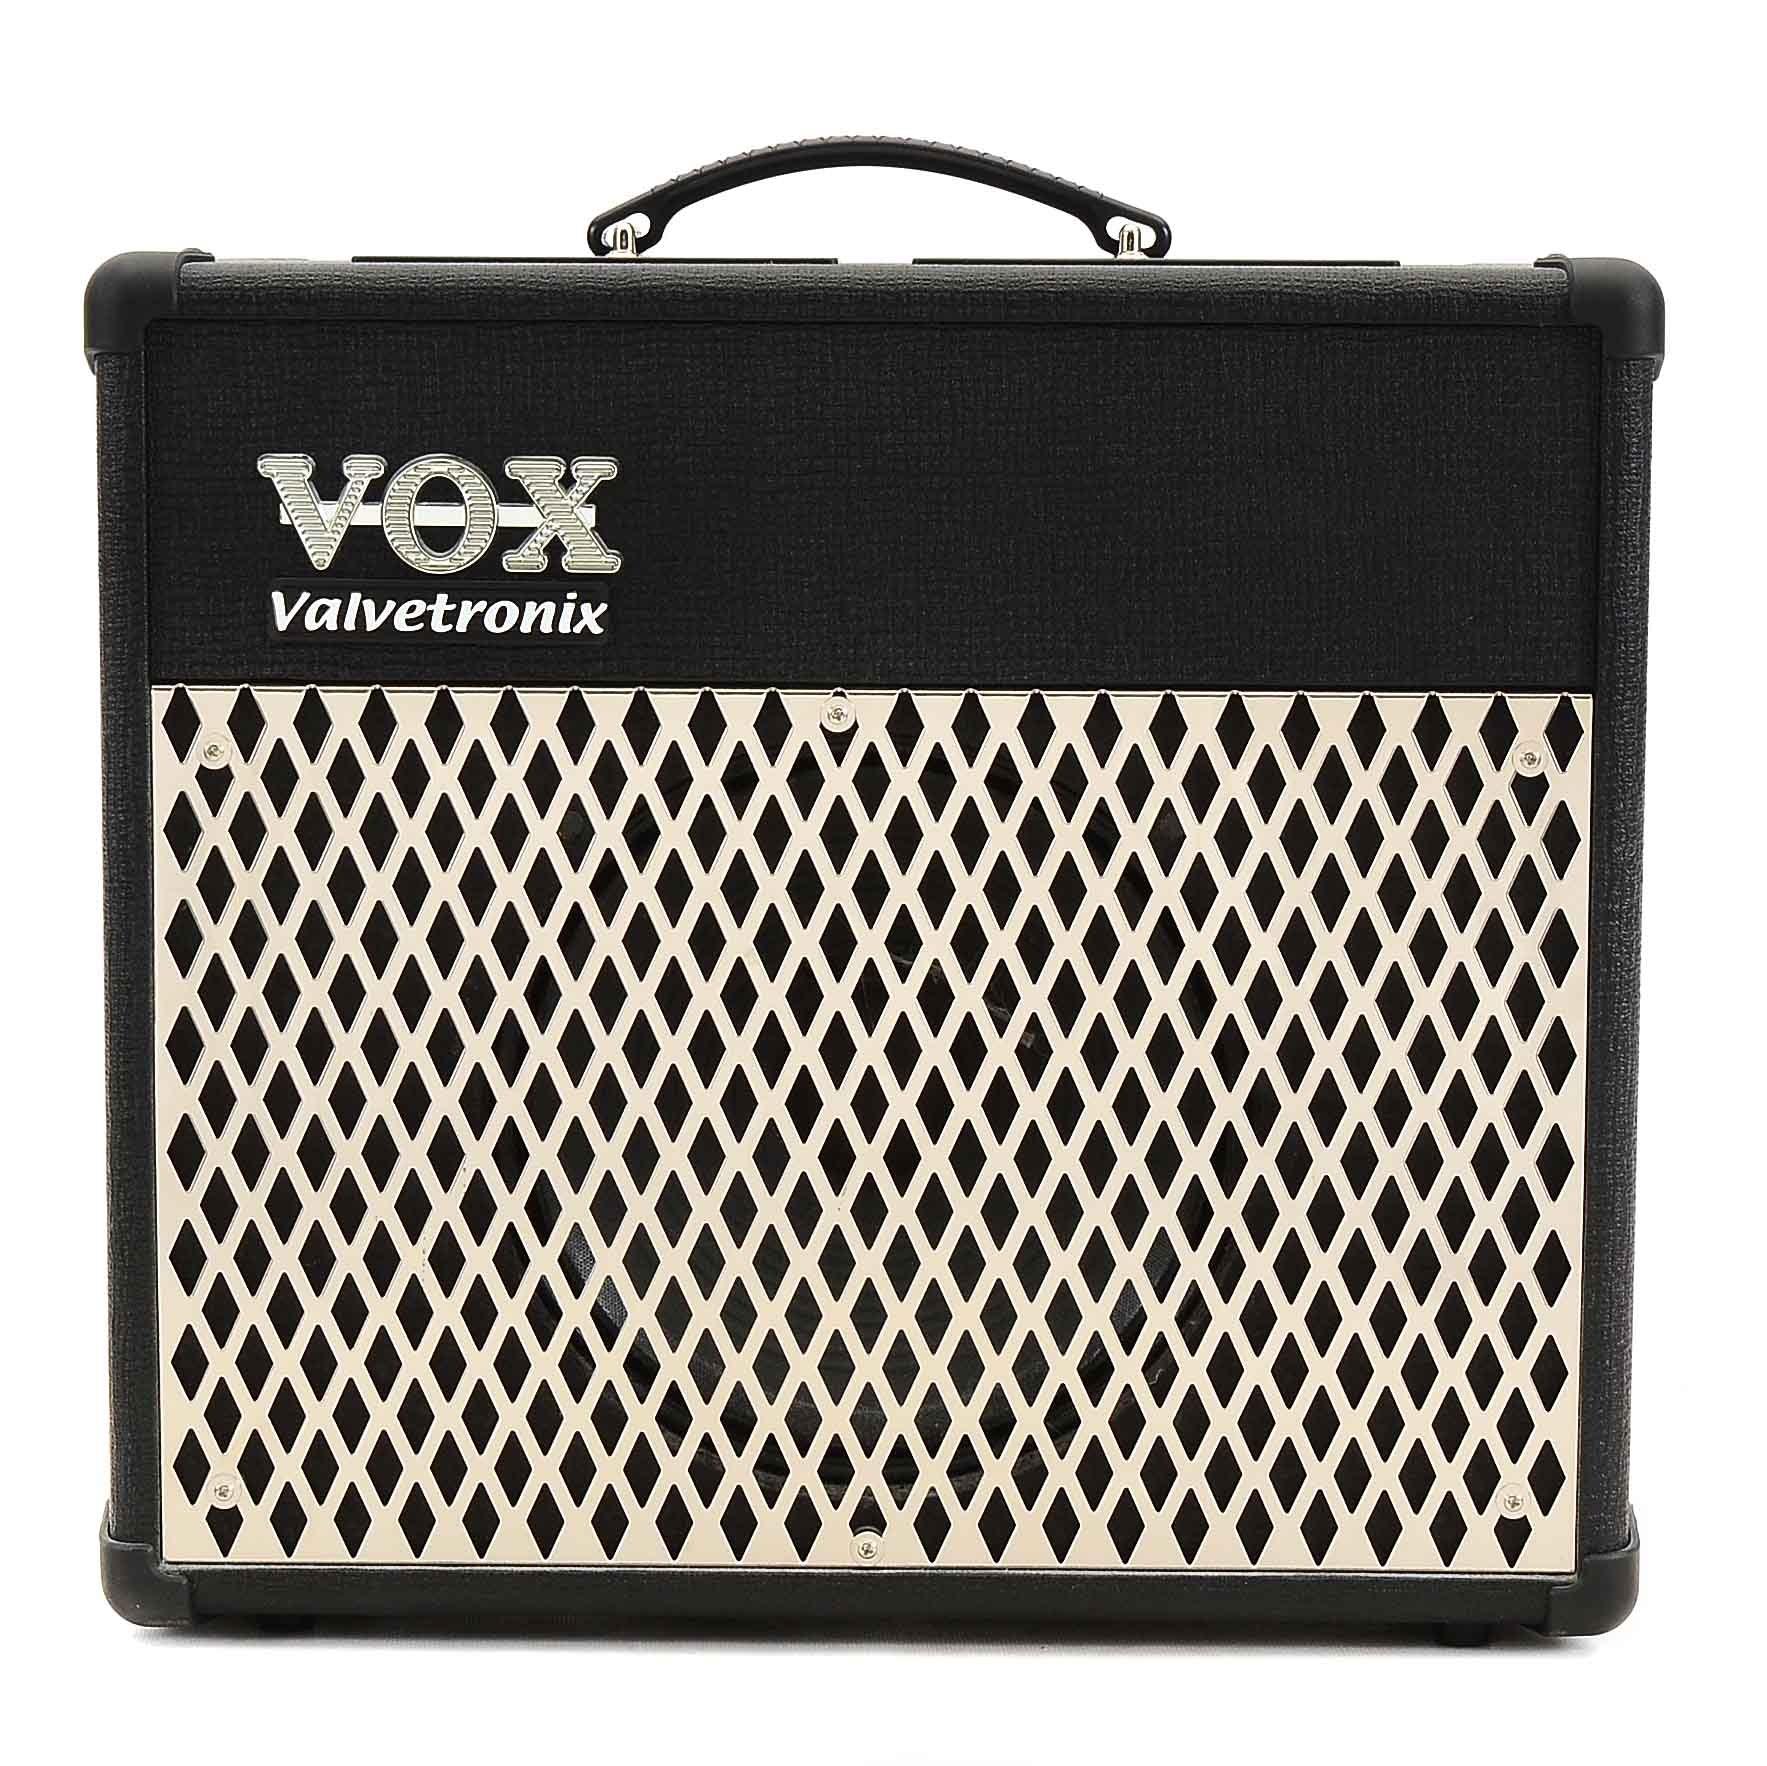 Vox Valvetronix Modeling Amp